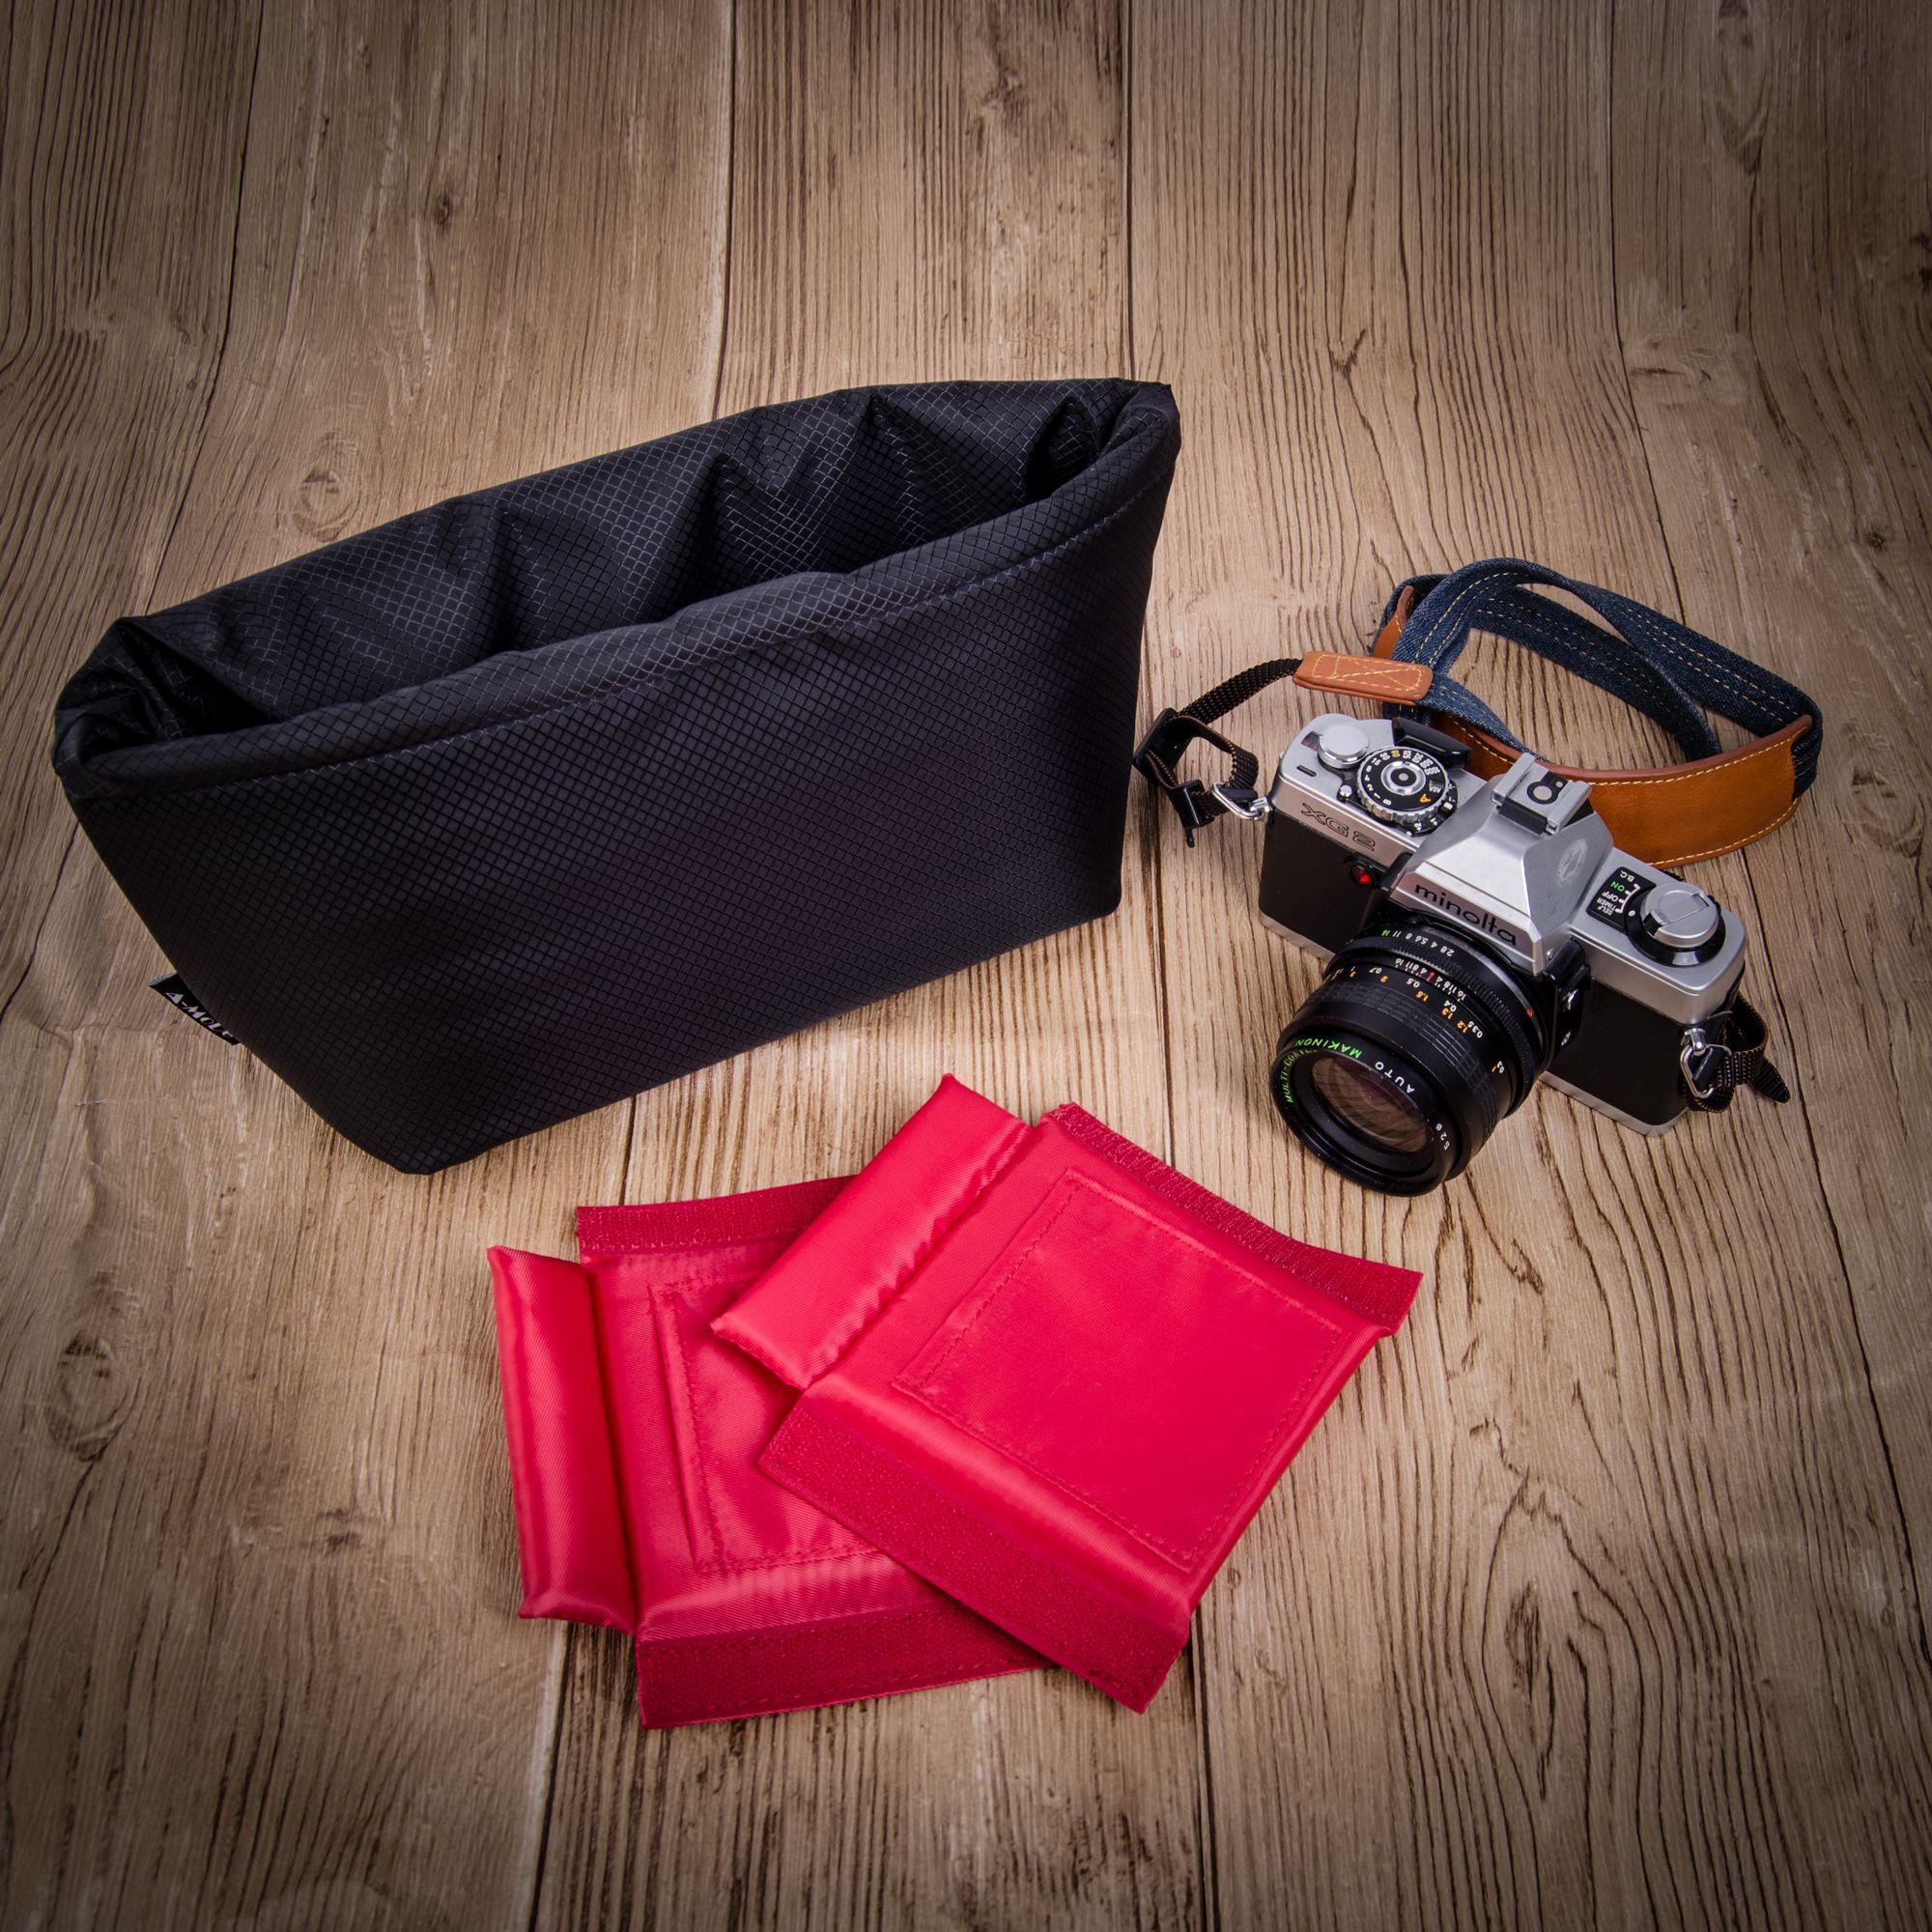 Camera Insert Case A Mode In04s Camera Inserts Camera Bag Insert Waterproof Camera